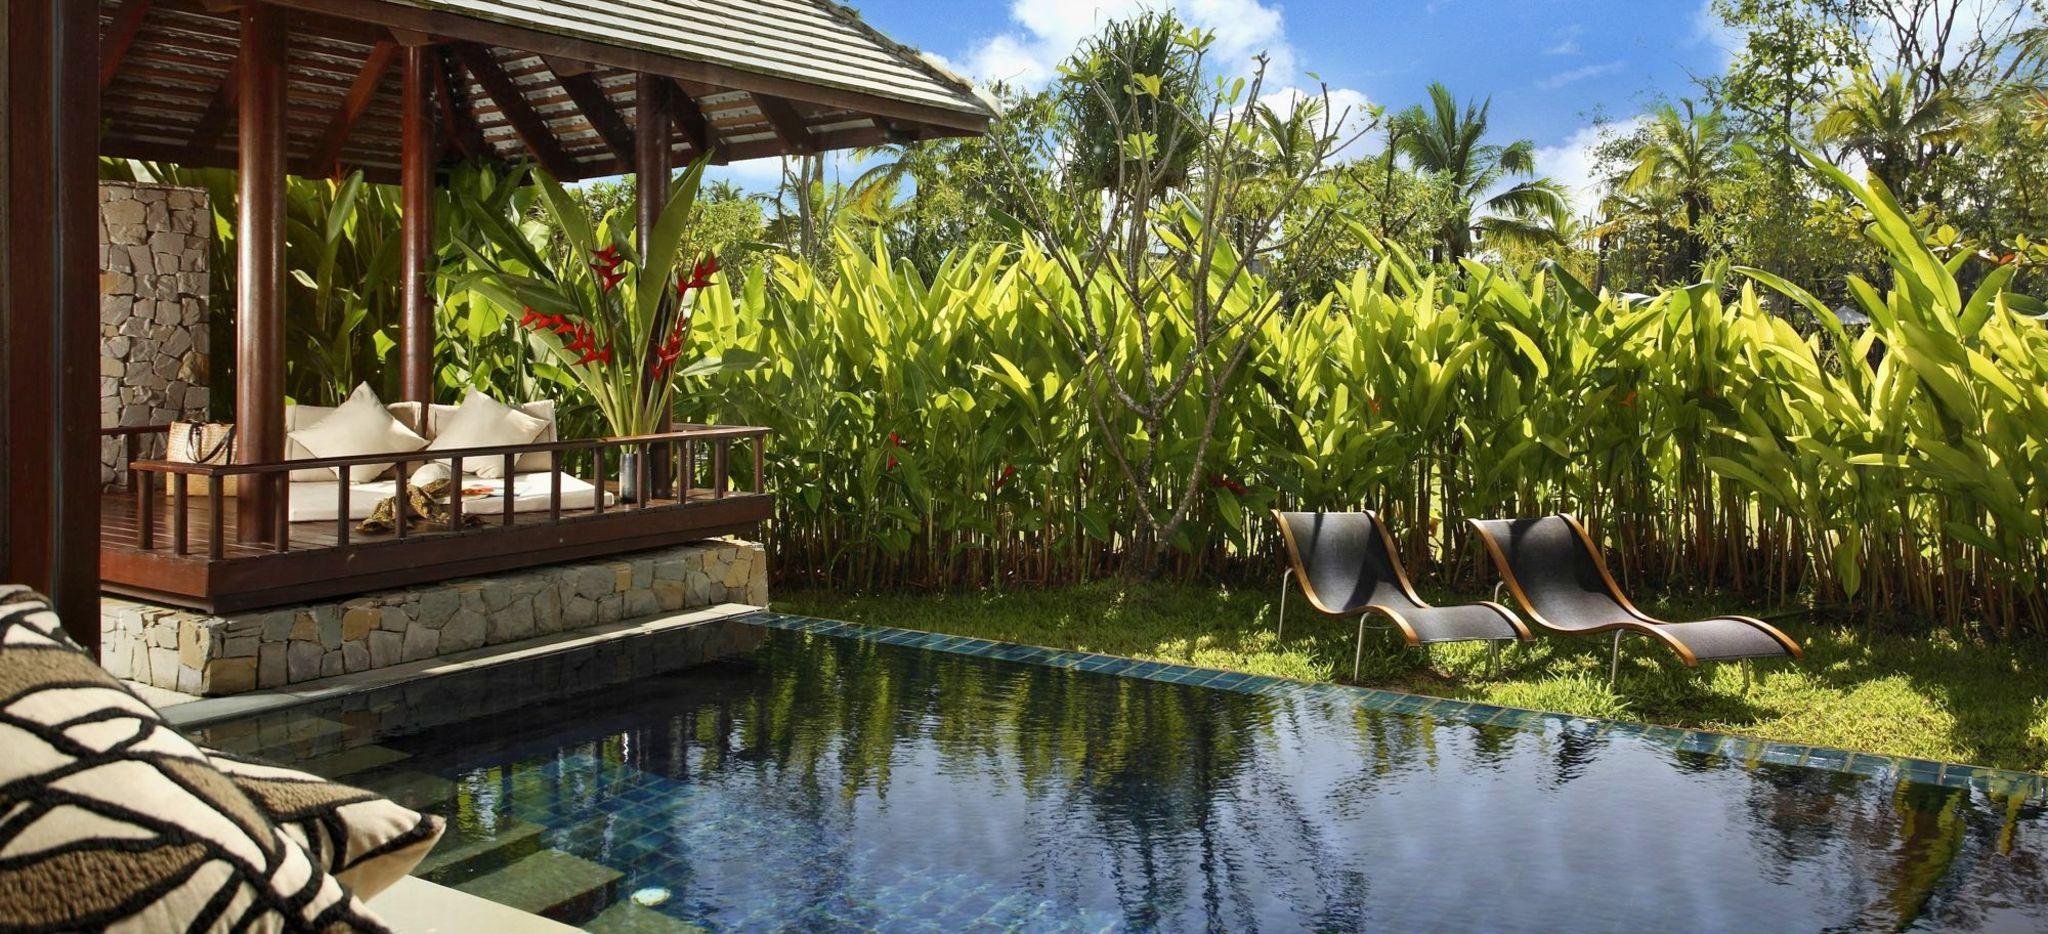 """Eine Terrasse neben einem See mit einem Mangrovenwäldchen, im Hotel """"The Sarojin"""""""